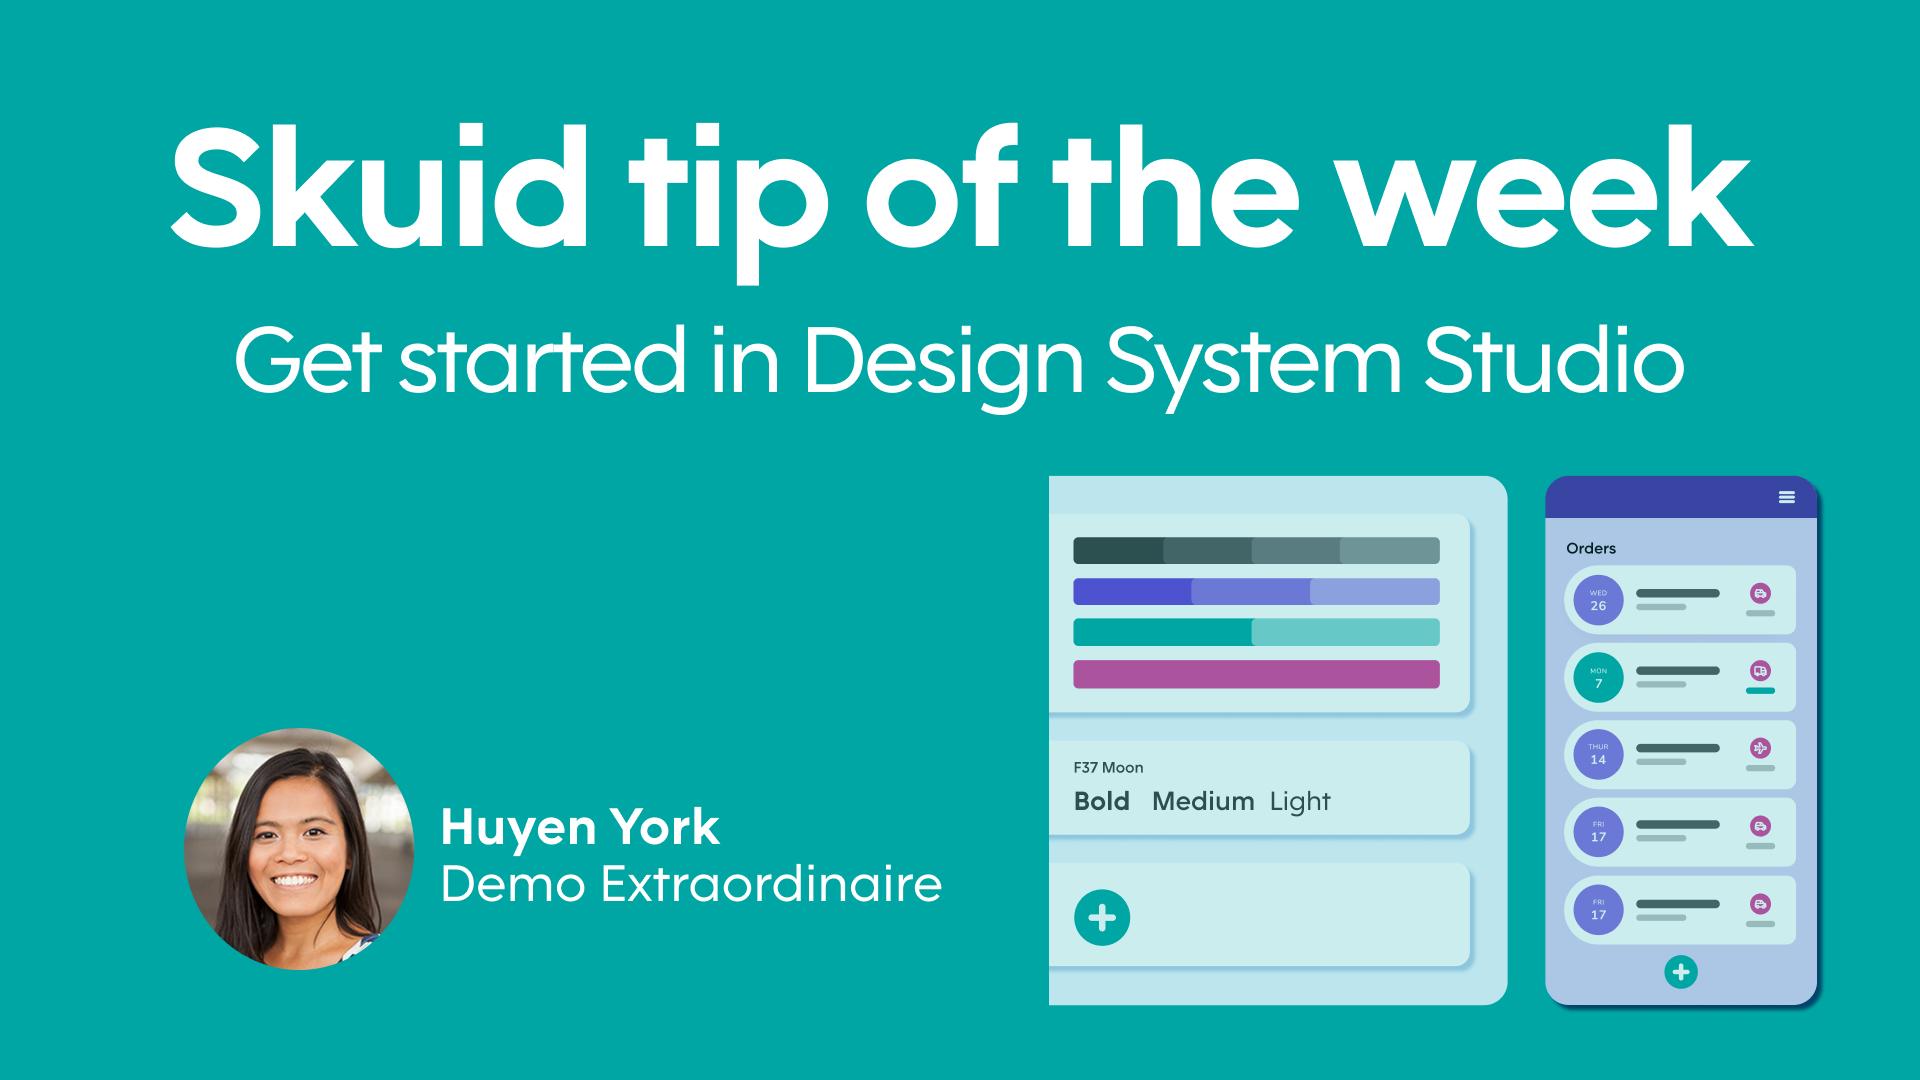 Skuid tip of the week | Get started in Design System Studio - Huyen York, Demo Extraordinaire